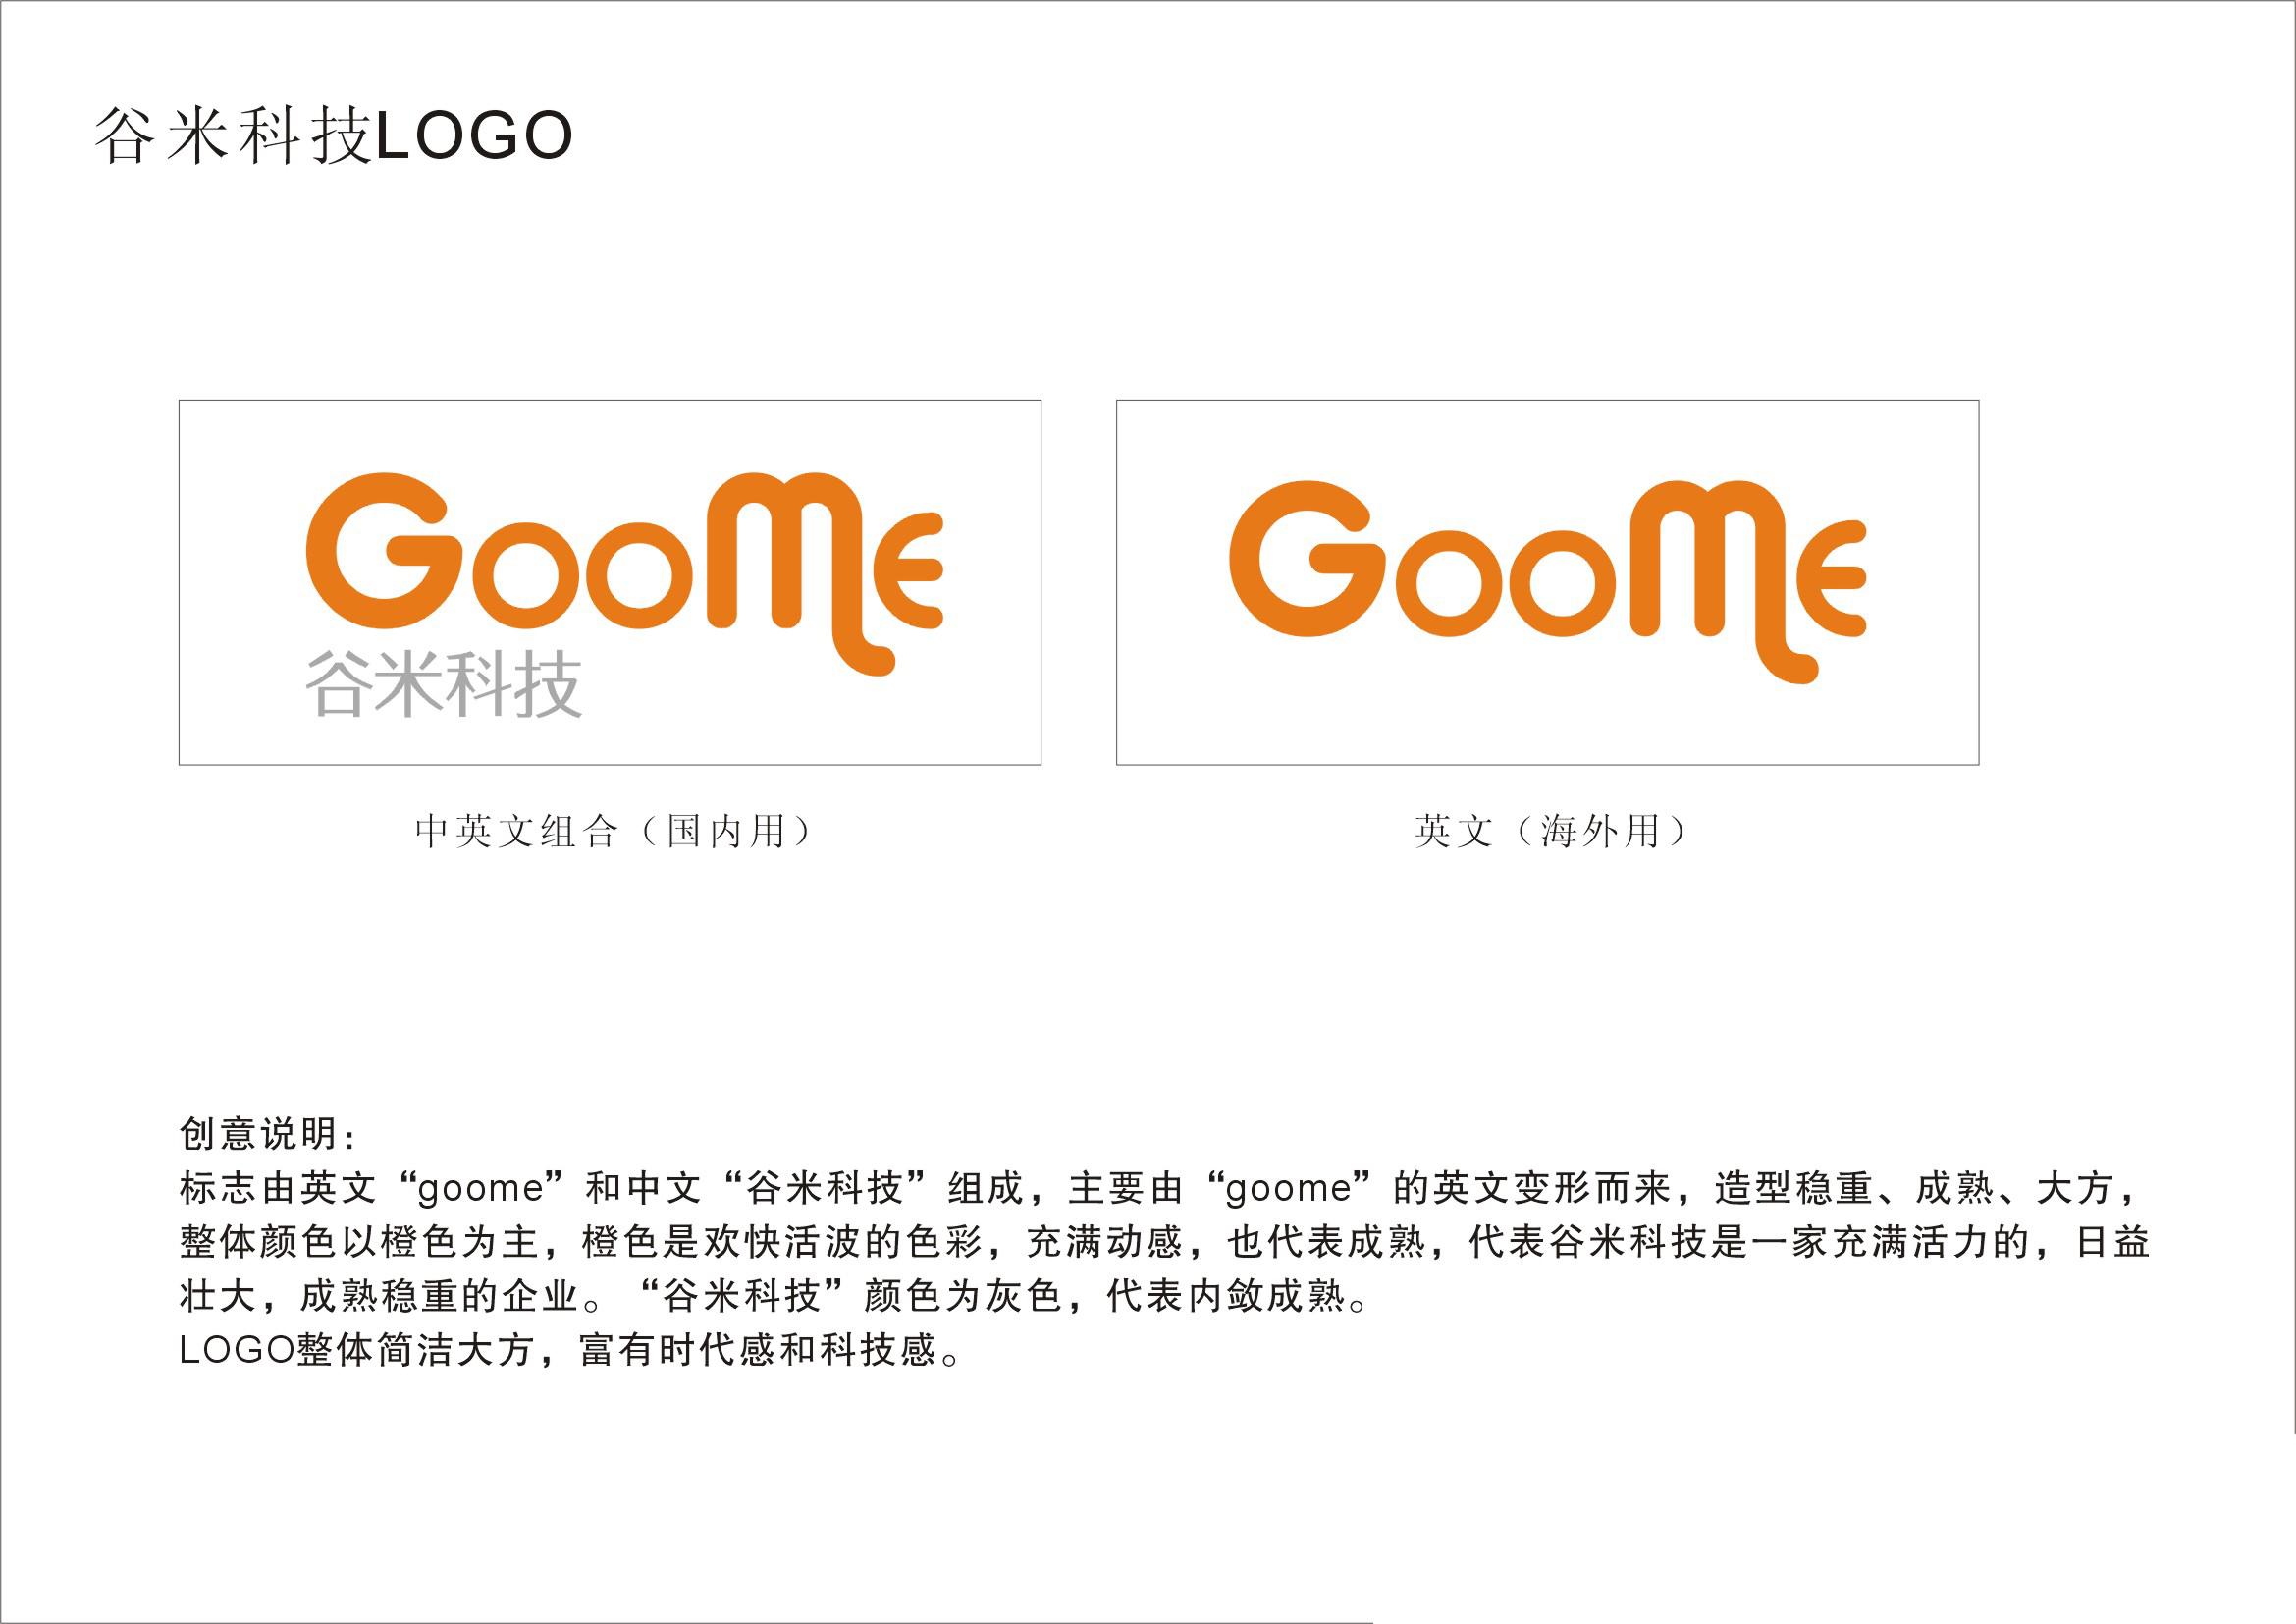 谷米科技logo.jpg